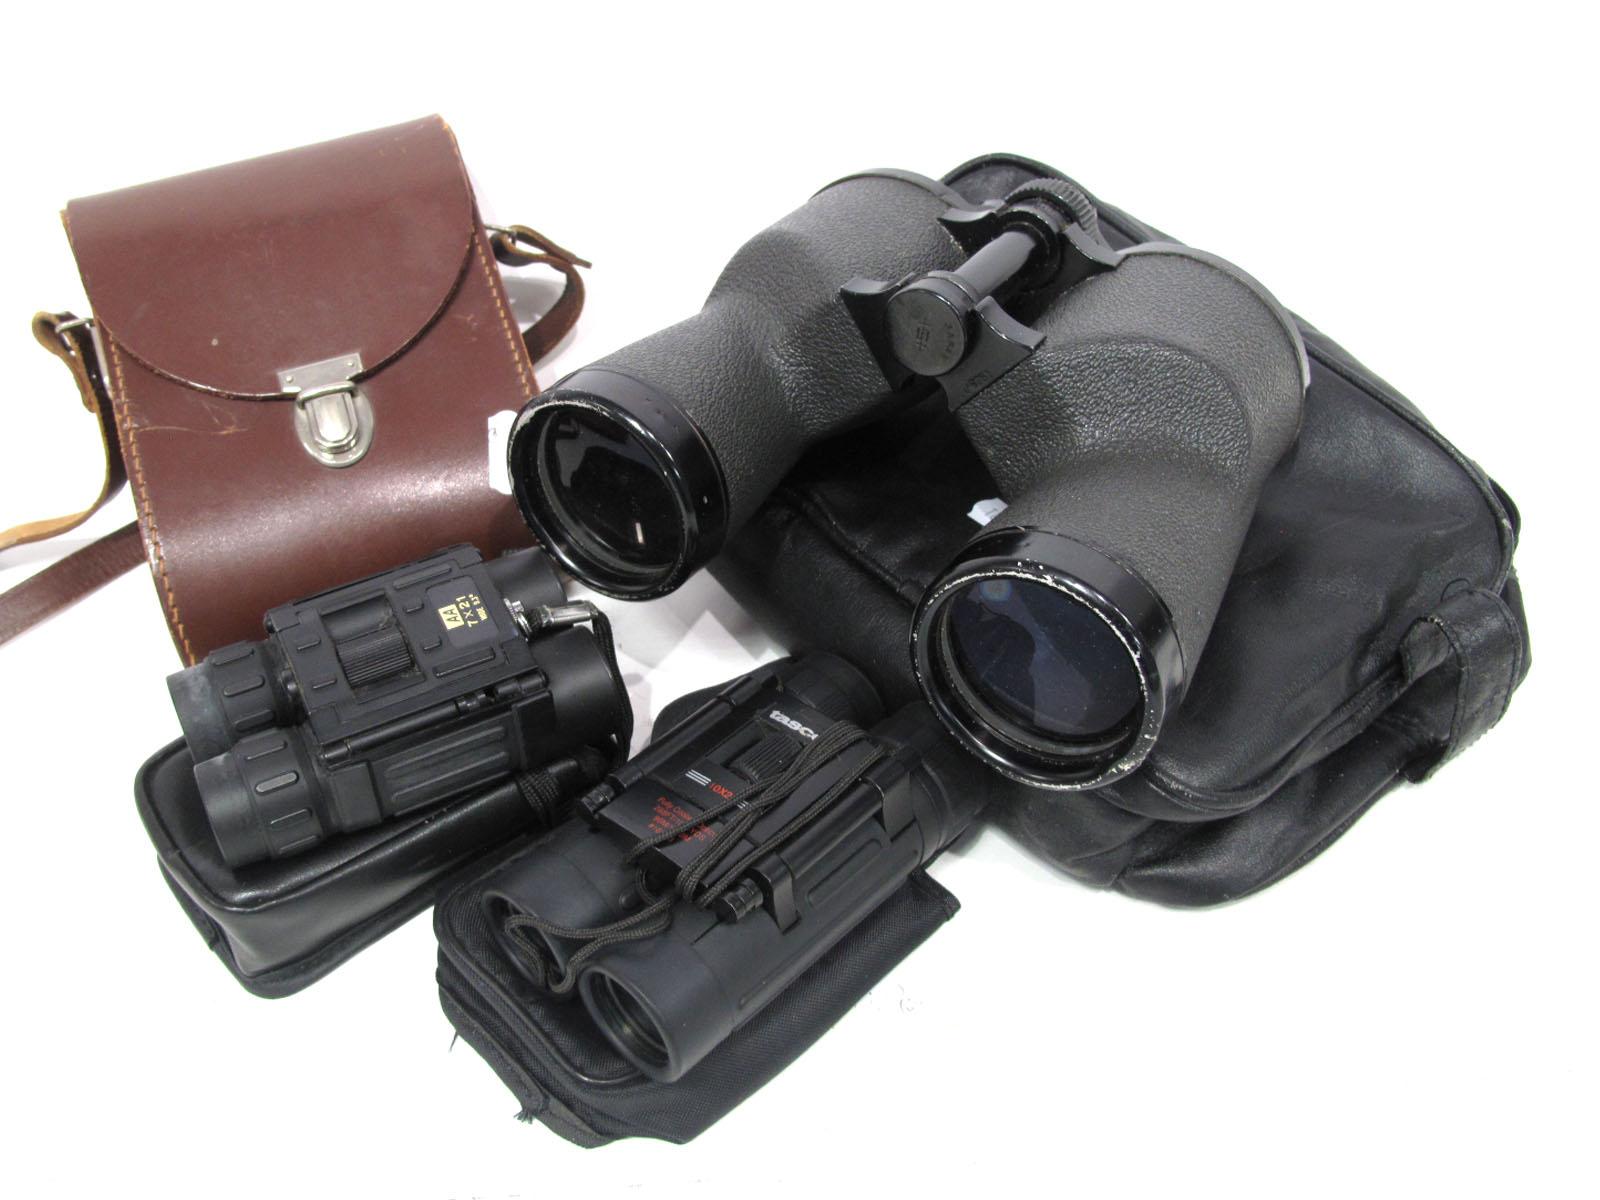 Binoculars Hertz and Richter, 10 x 50 No.85863, Tasco 10 x 25, fully coated, AA 7 x 21 wide 9.3i,